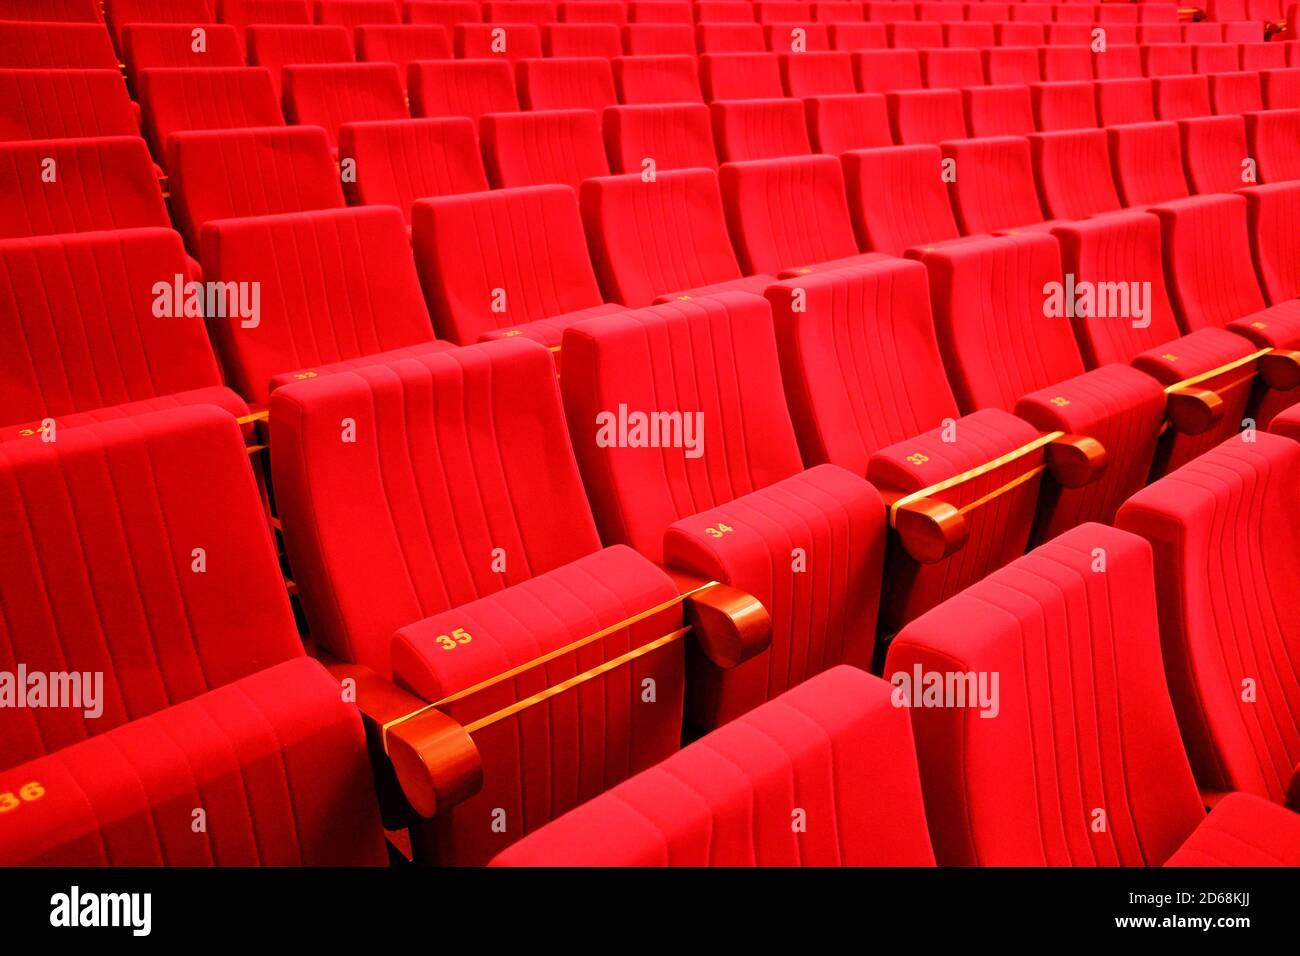 Sitzplätze im Theater. Soziale Distanz zwischen den Zuschauern in der Halle Stockfoto